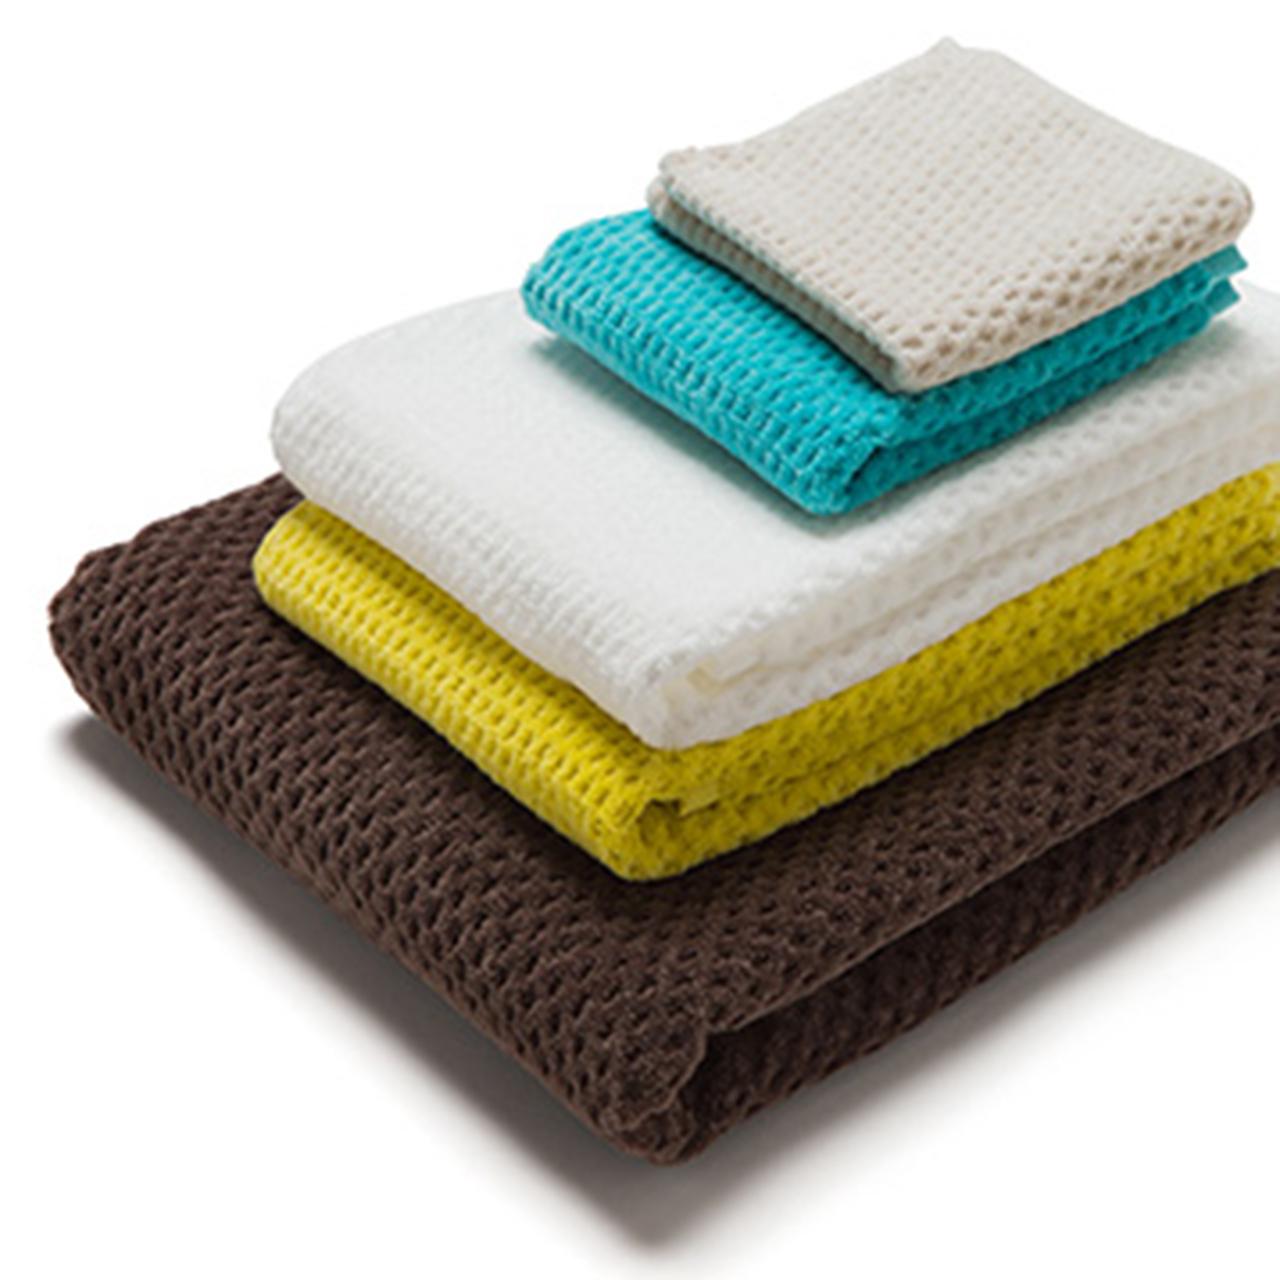 Fiber Art Studio  Half Cut Towel / Face Towel